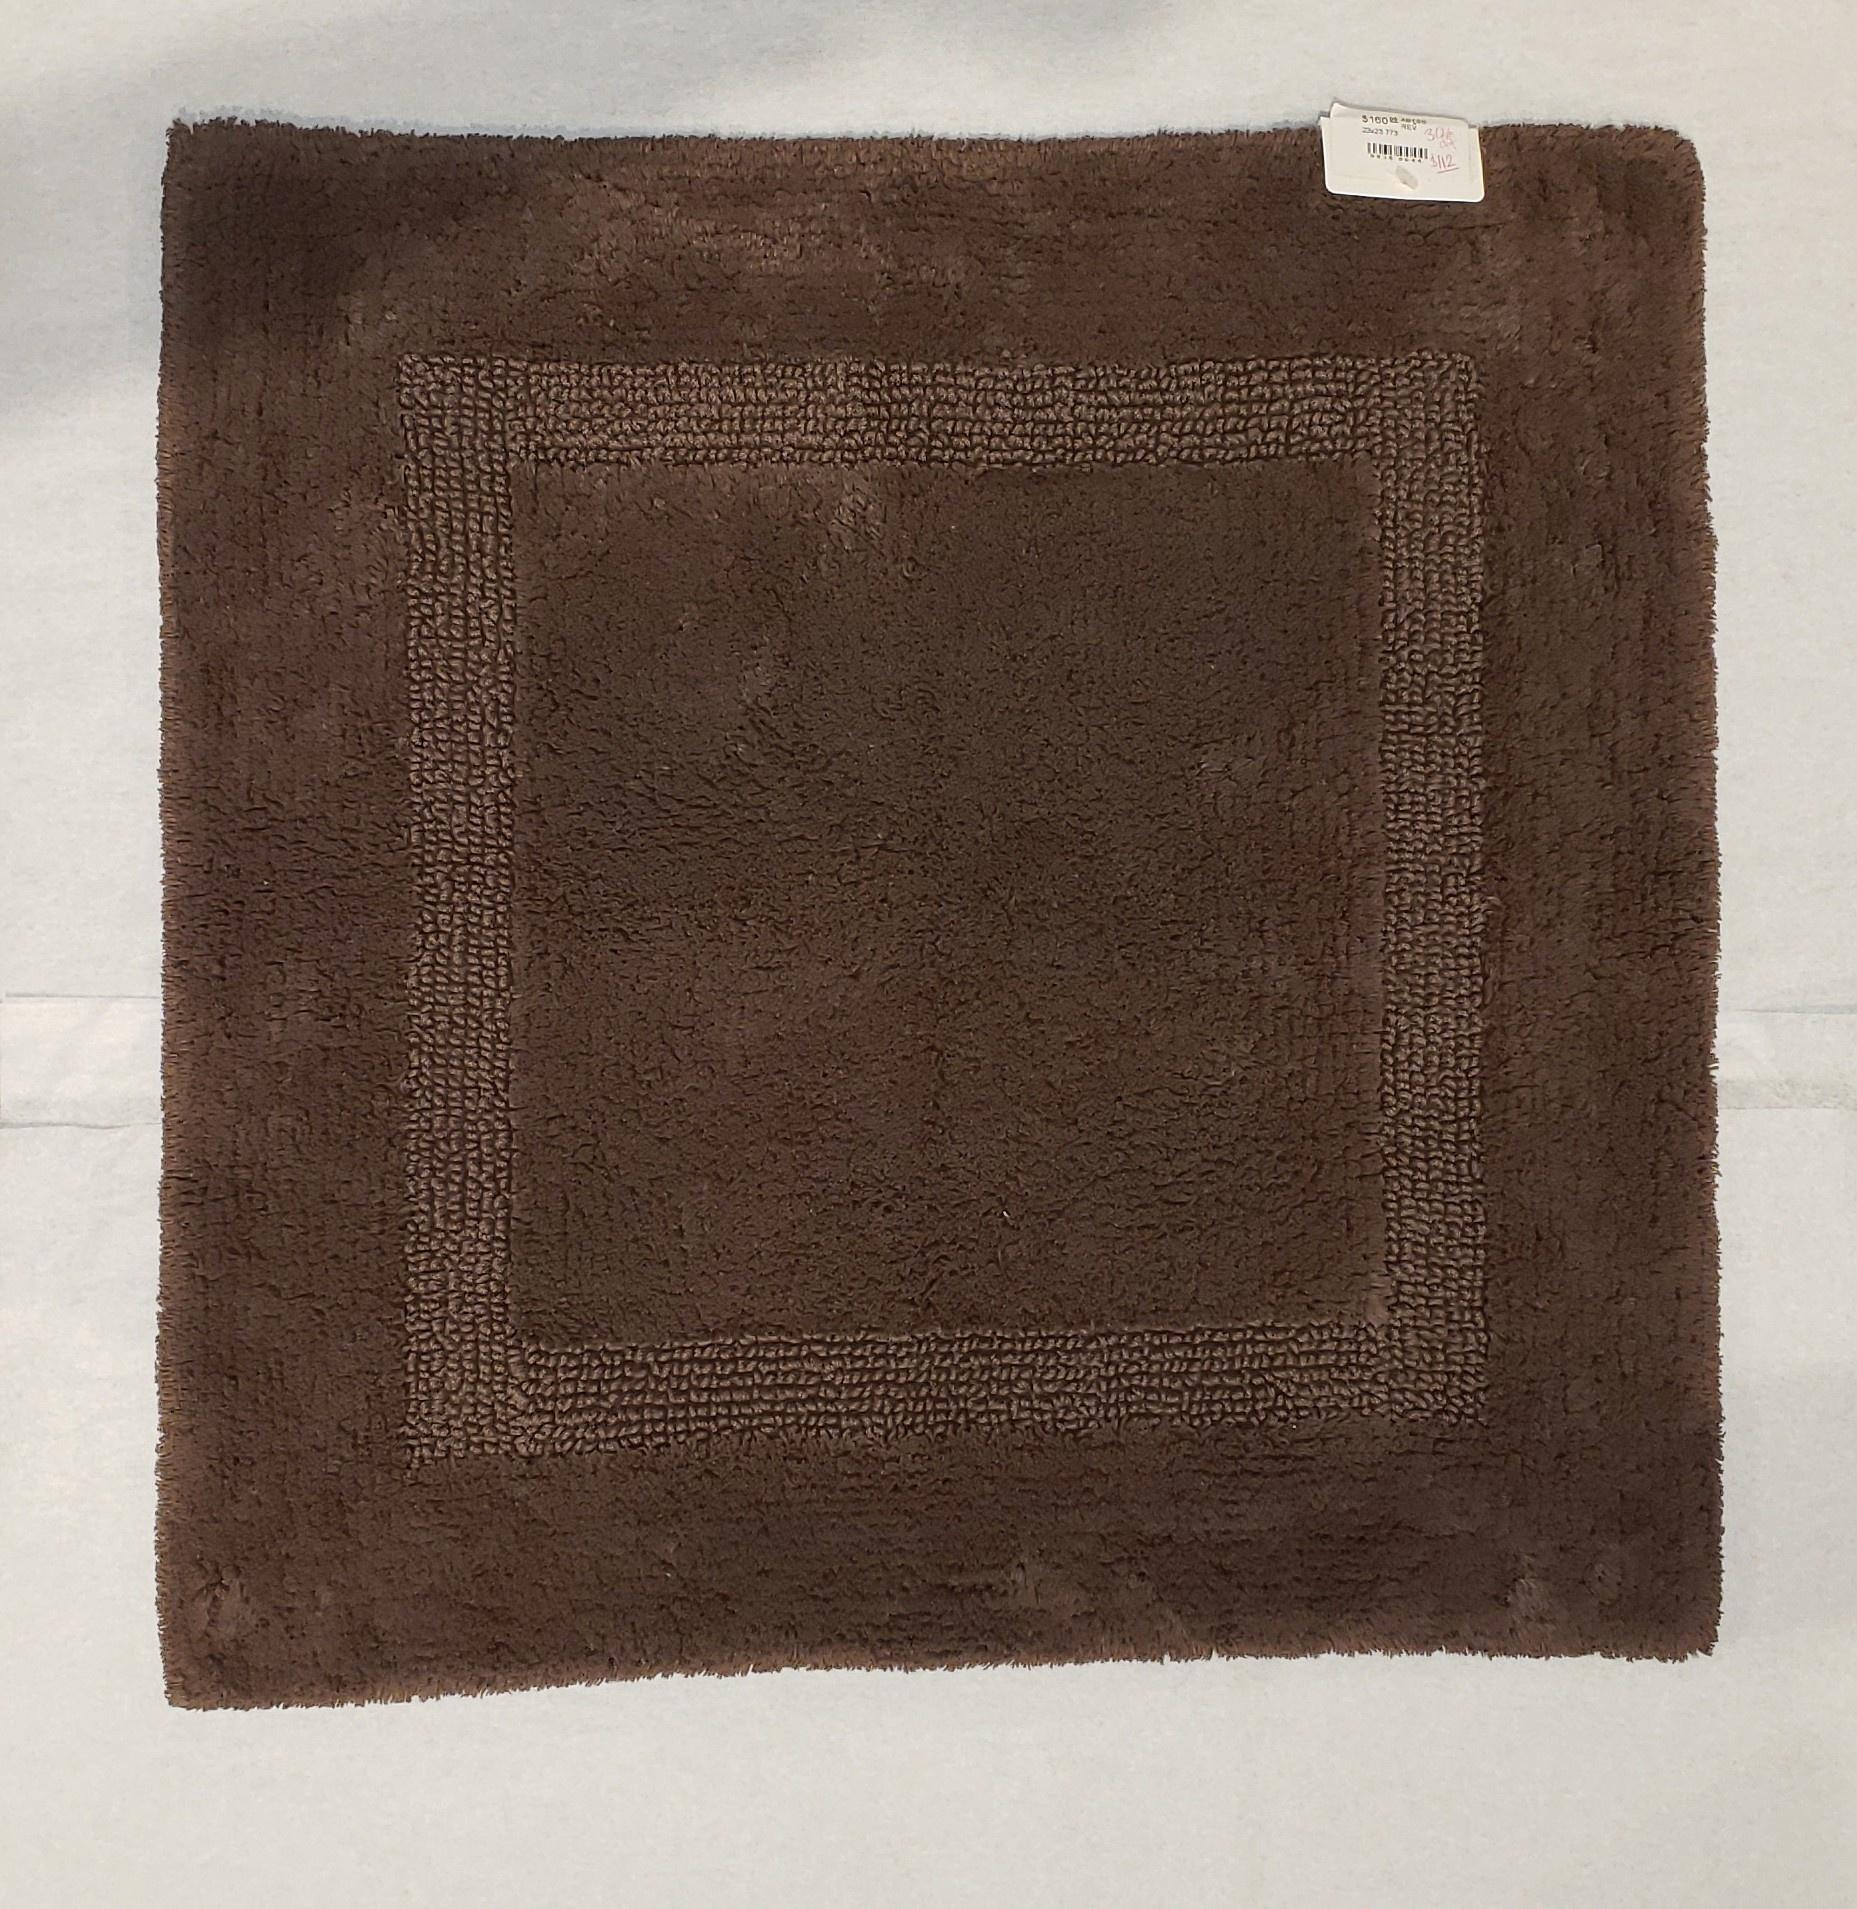 Bath Mat - Reversible - Brown-1